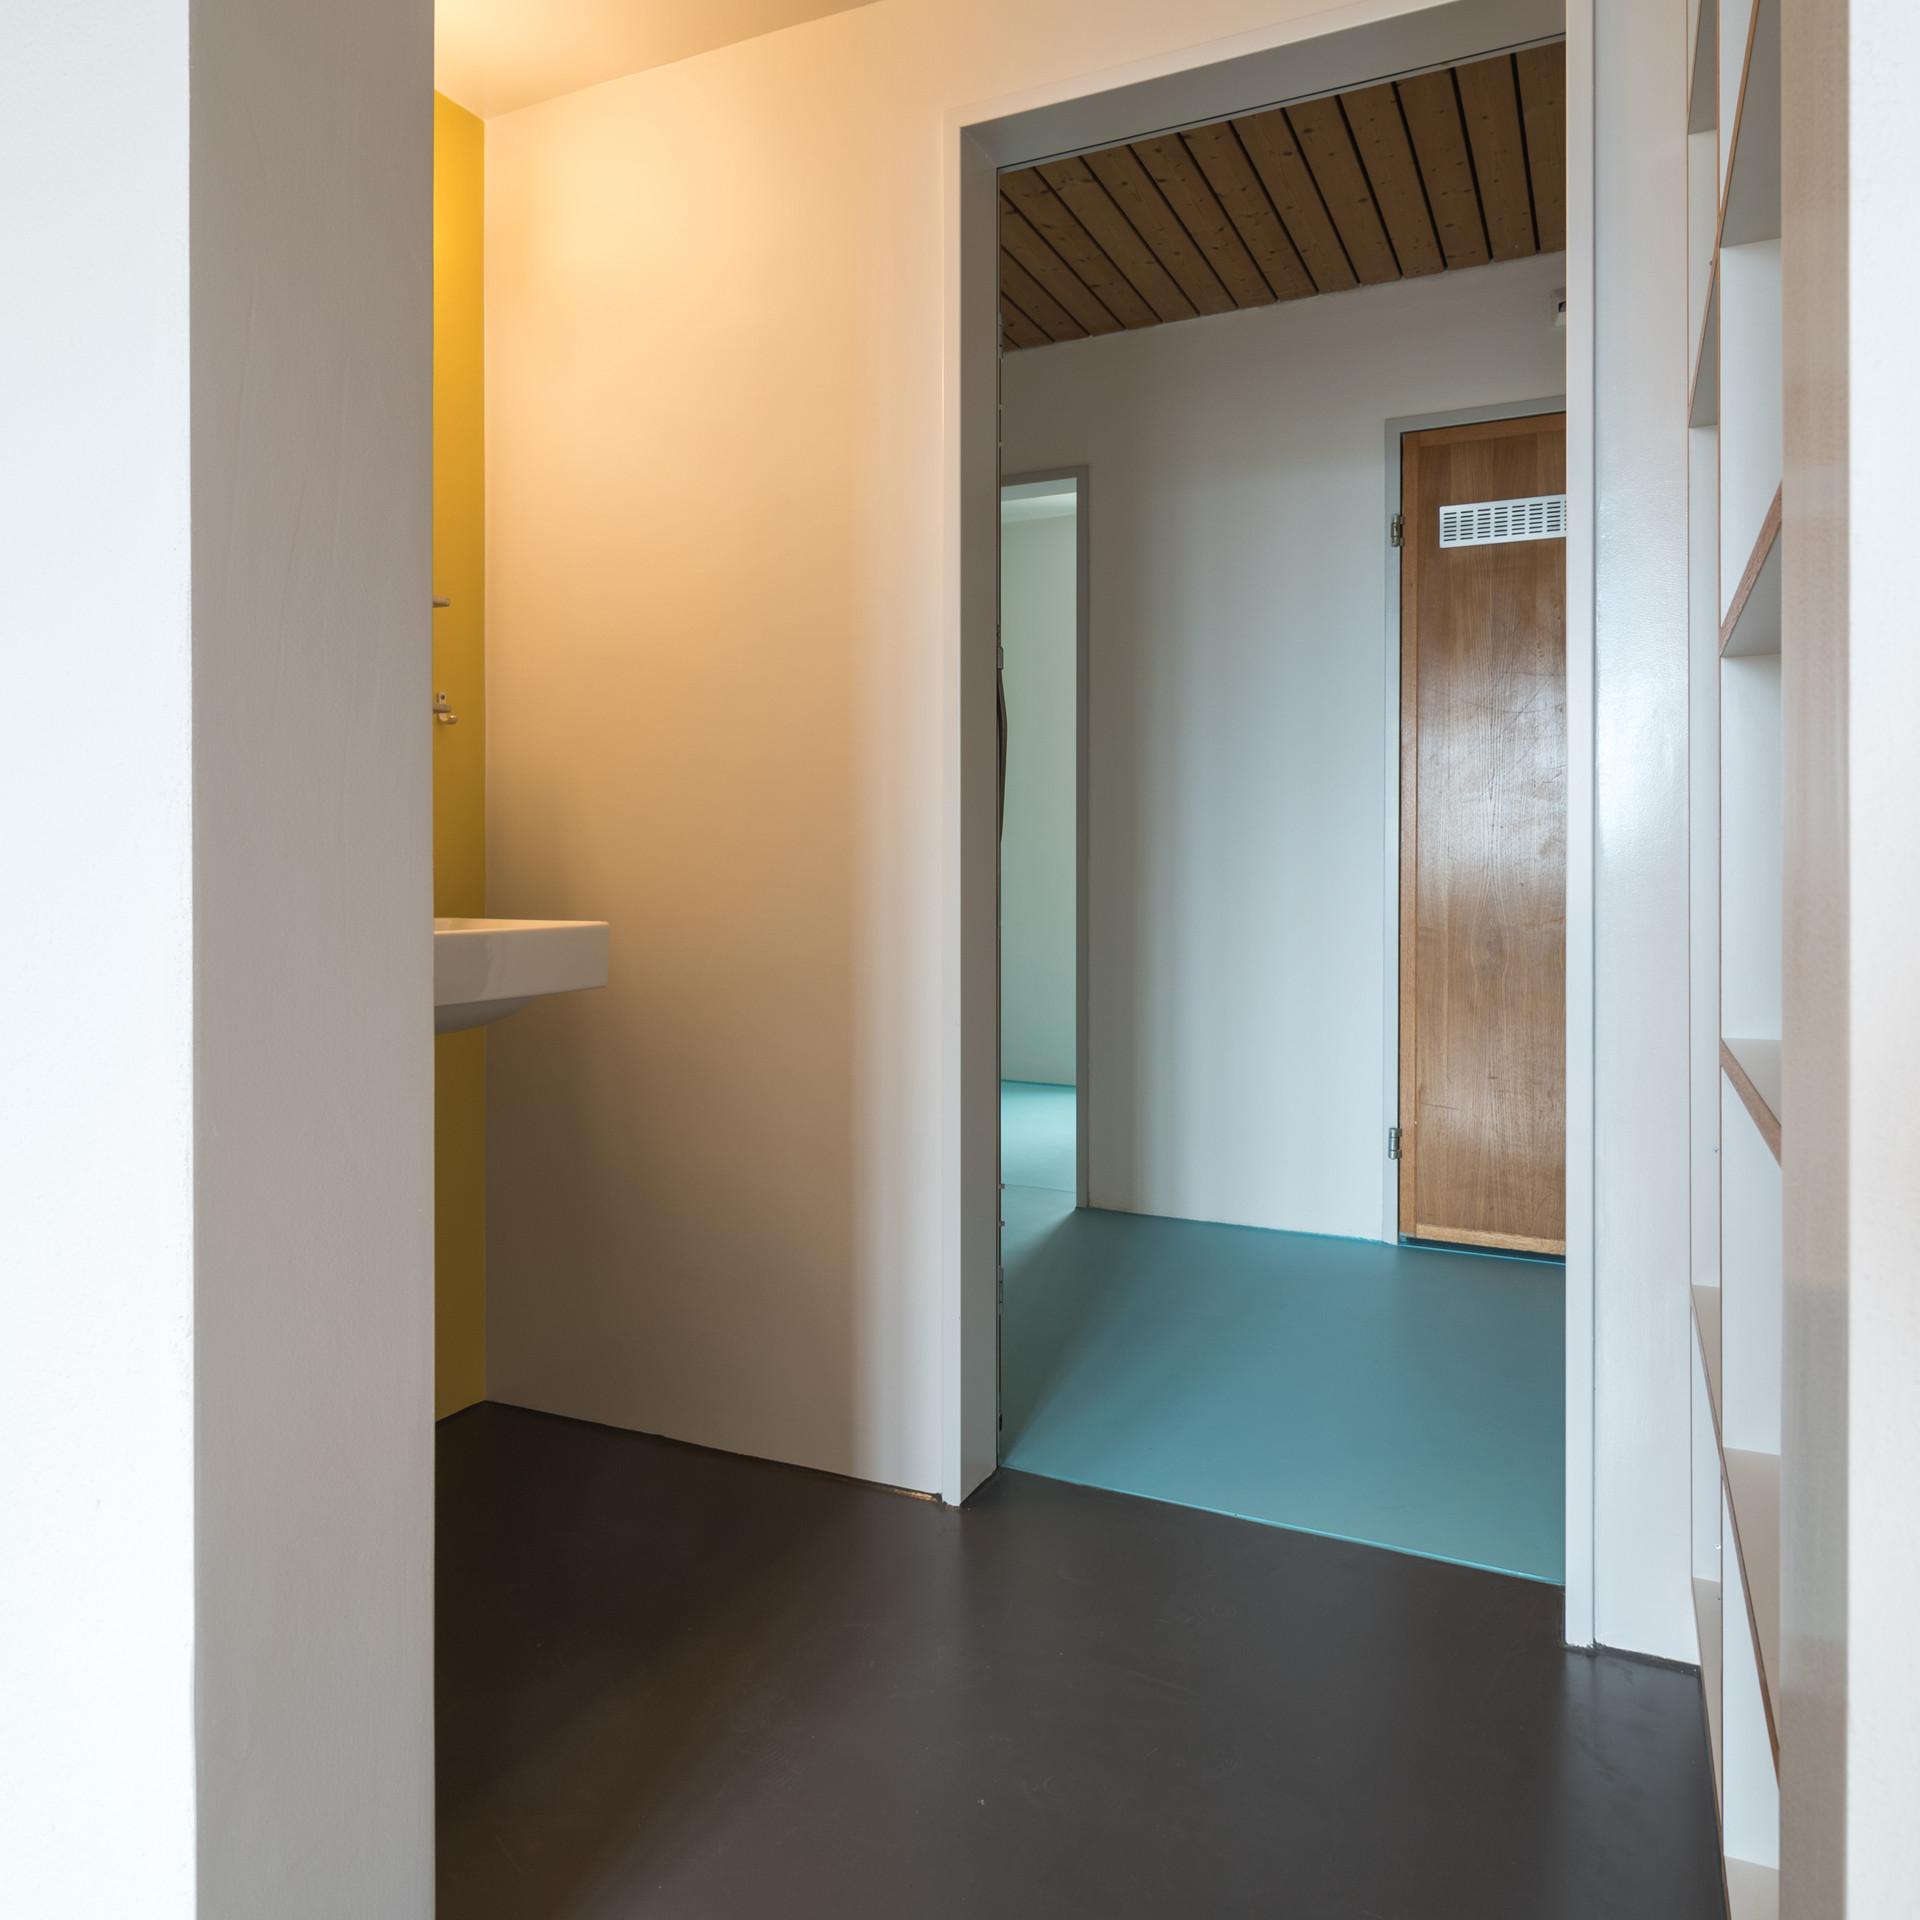 blauer Boden gelbe Wand.jpg